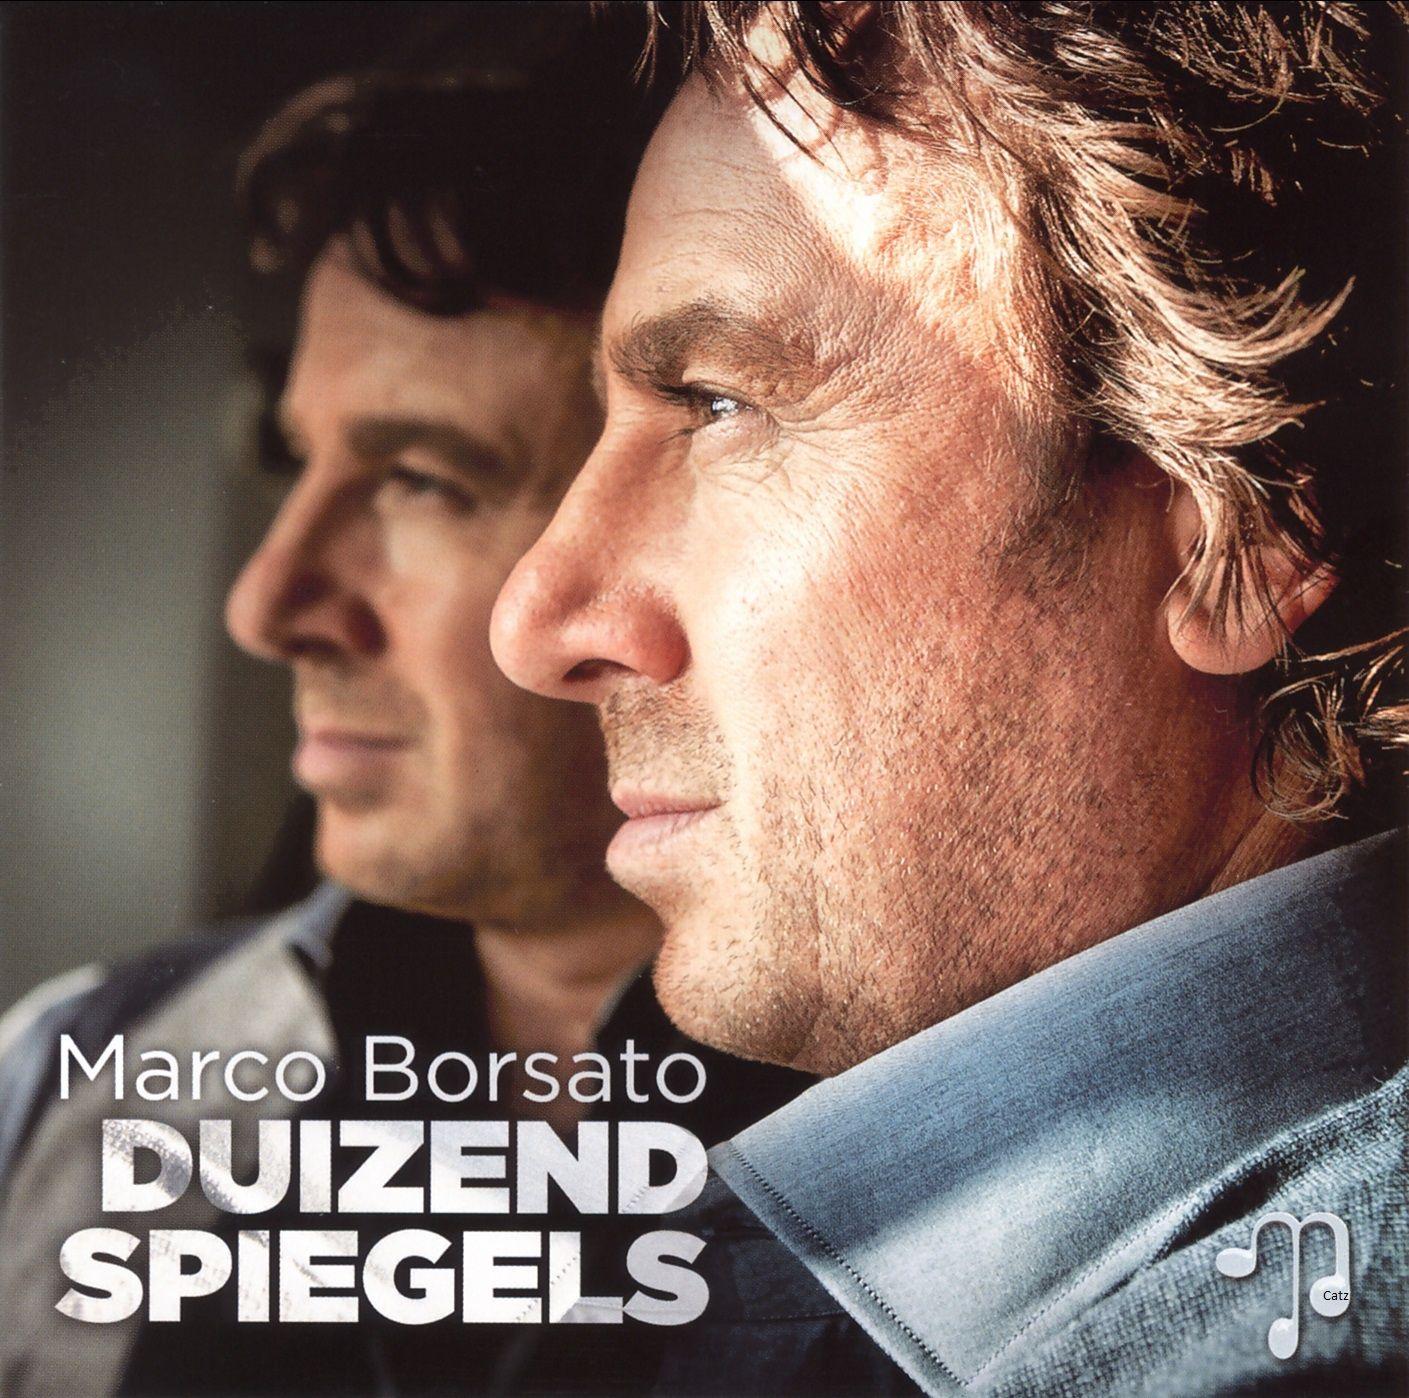 Een nieuw album én een eigen shop. Marco borsato is hot!